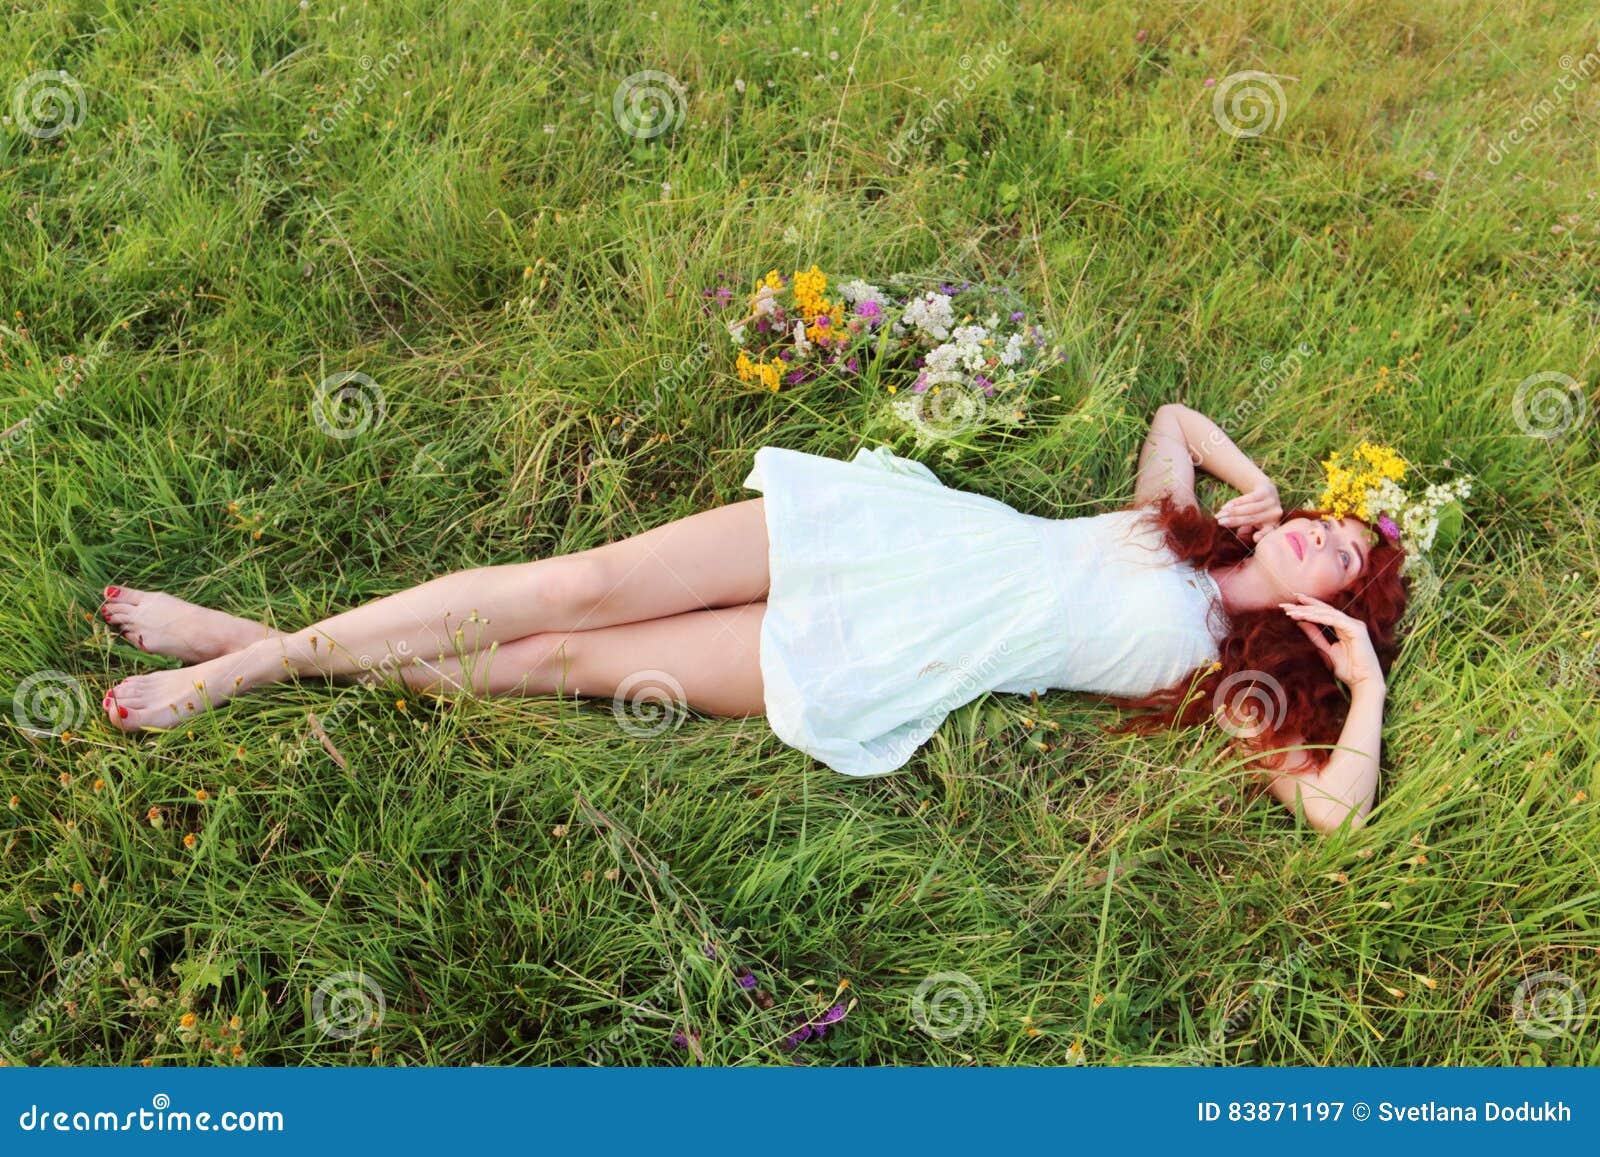 Bosa dziewczyna w wianku kłama na trawie